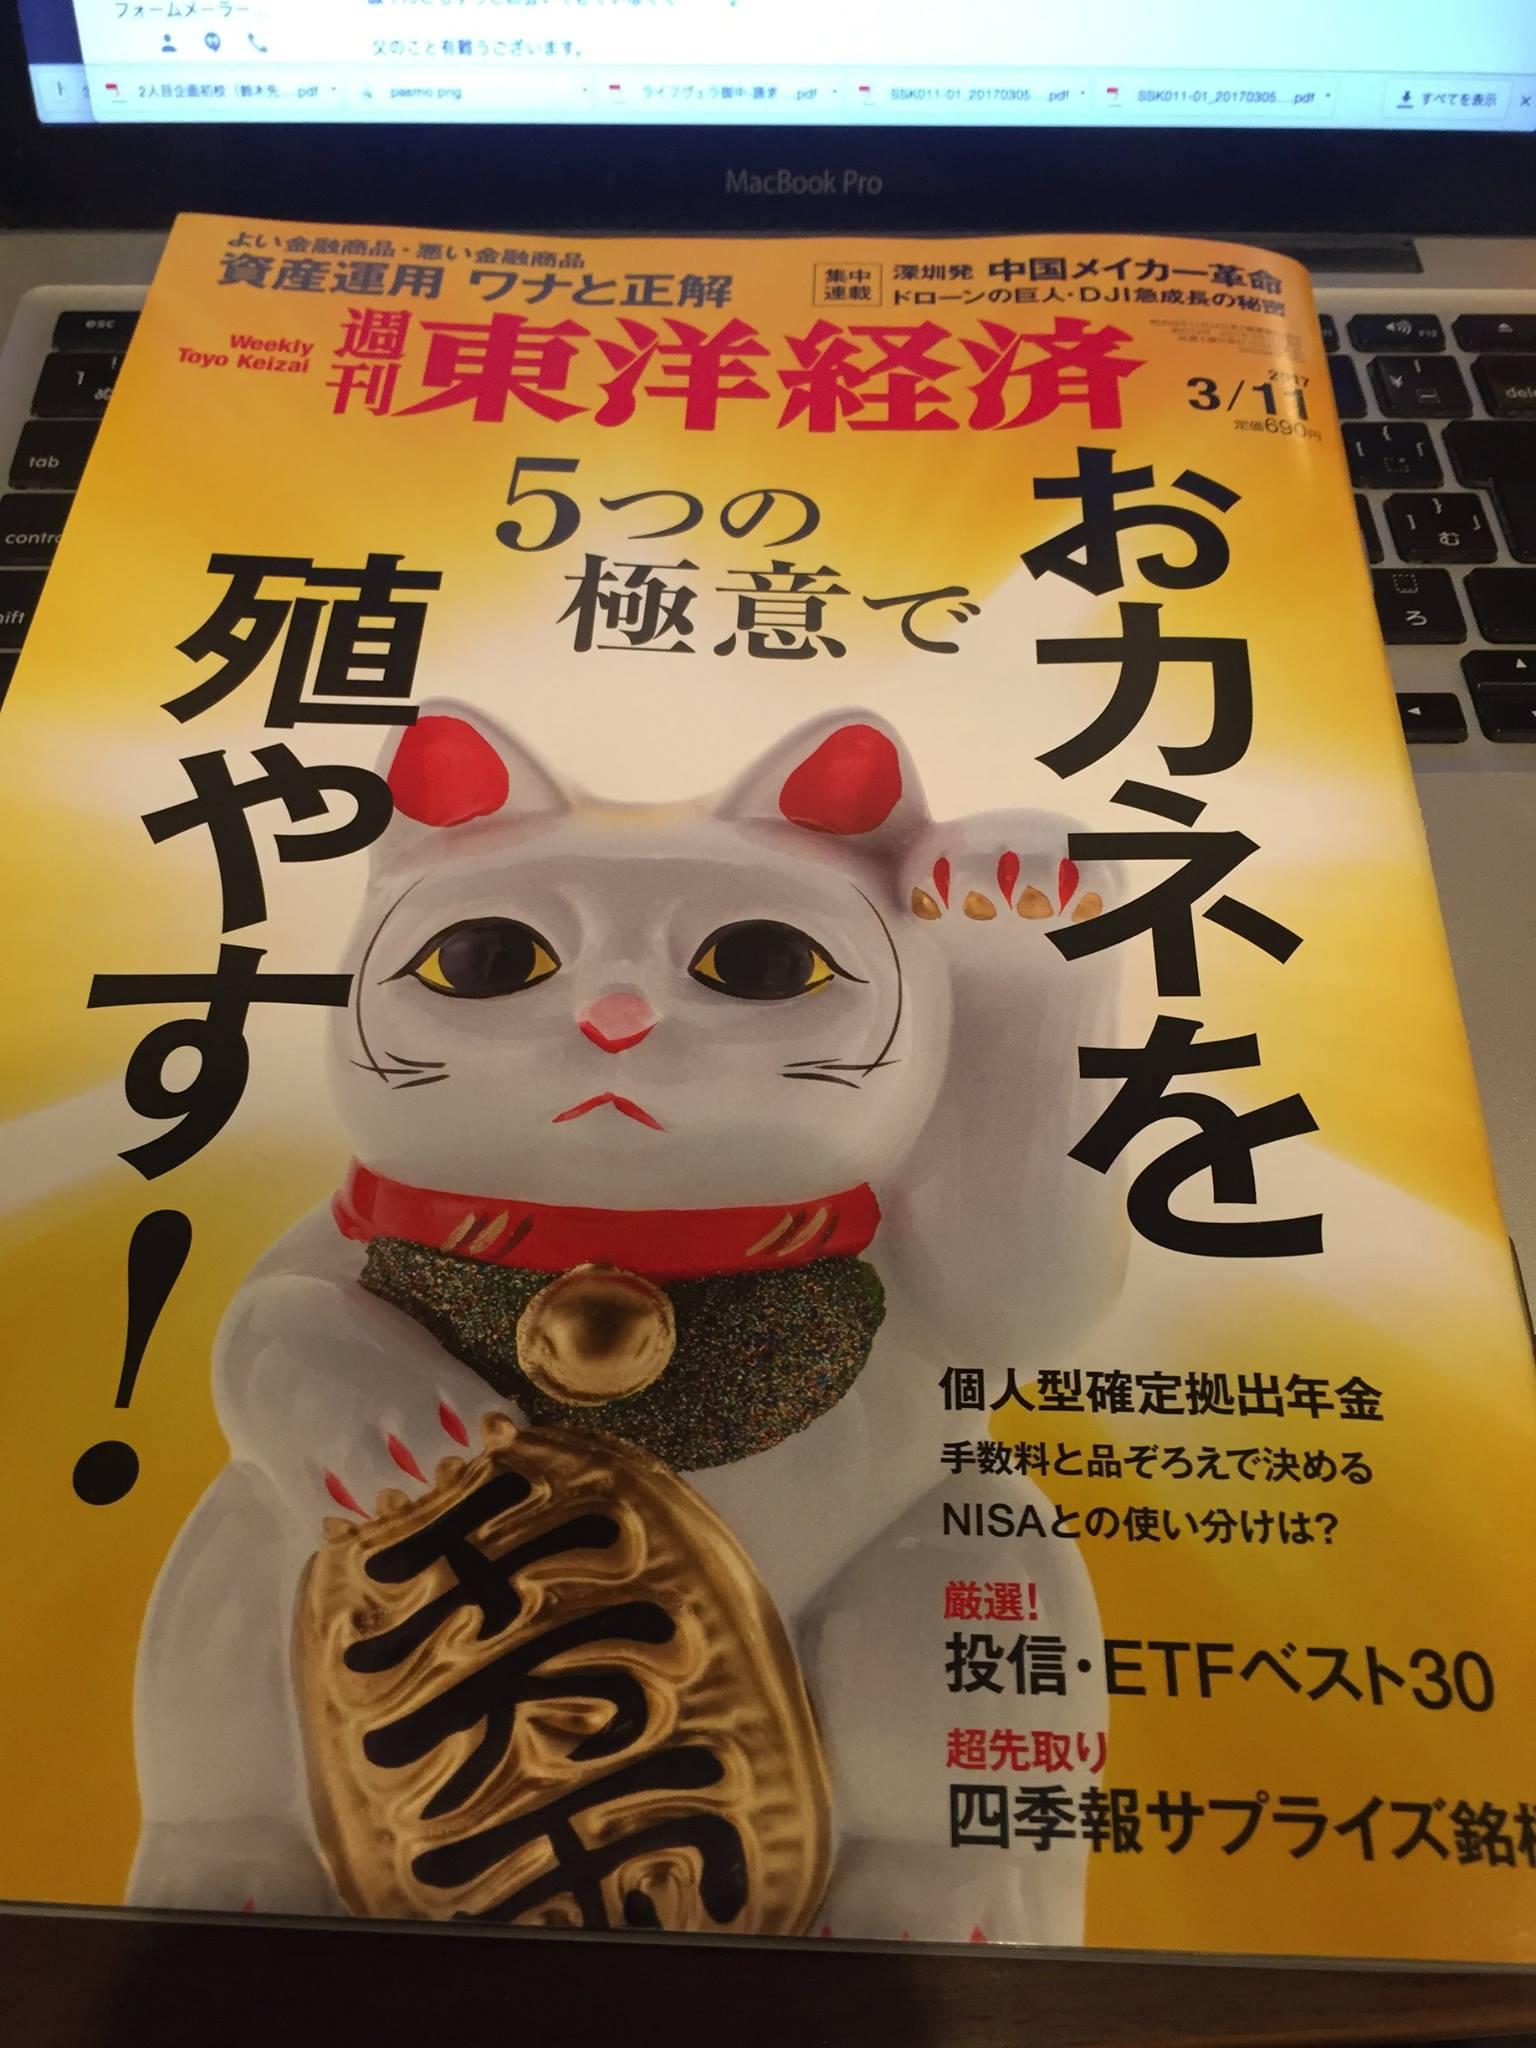 週刊東洋経済にて教育費に関する執筆記事が掲載されました<2017.3>